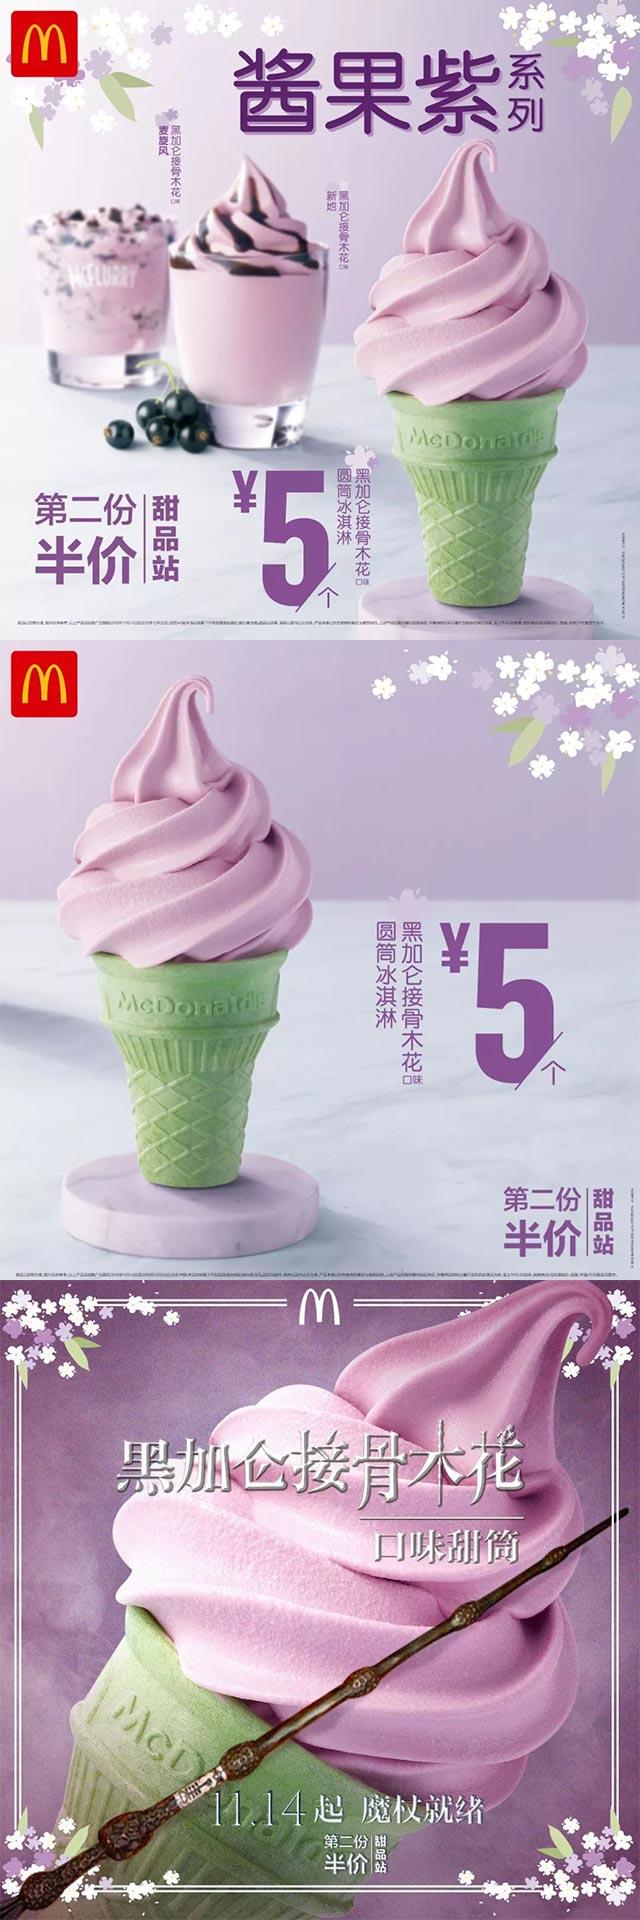 麦当劳黑加仑接骨木花口味冰淇淋5元起,甜品站全线第二份半价 有效期至:2018年12月26日 www.5ikfc.com